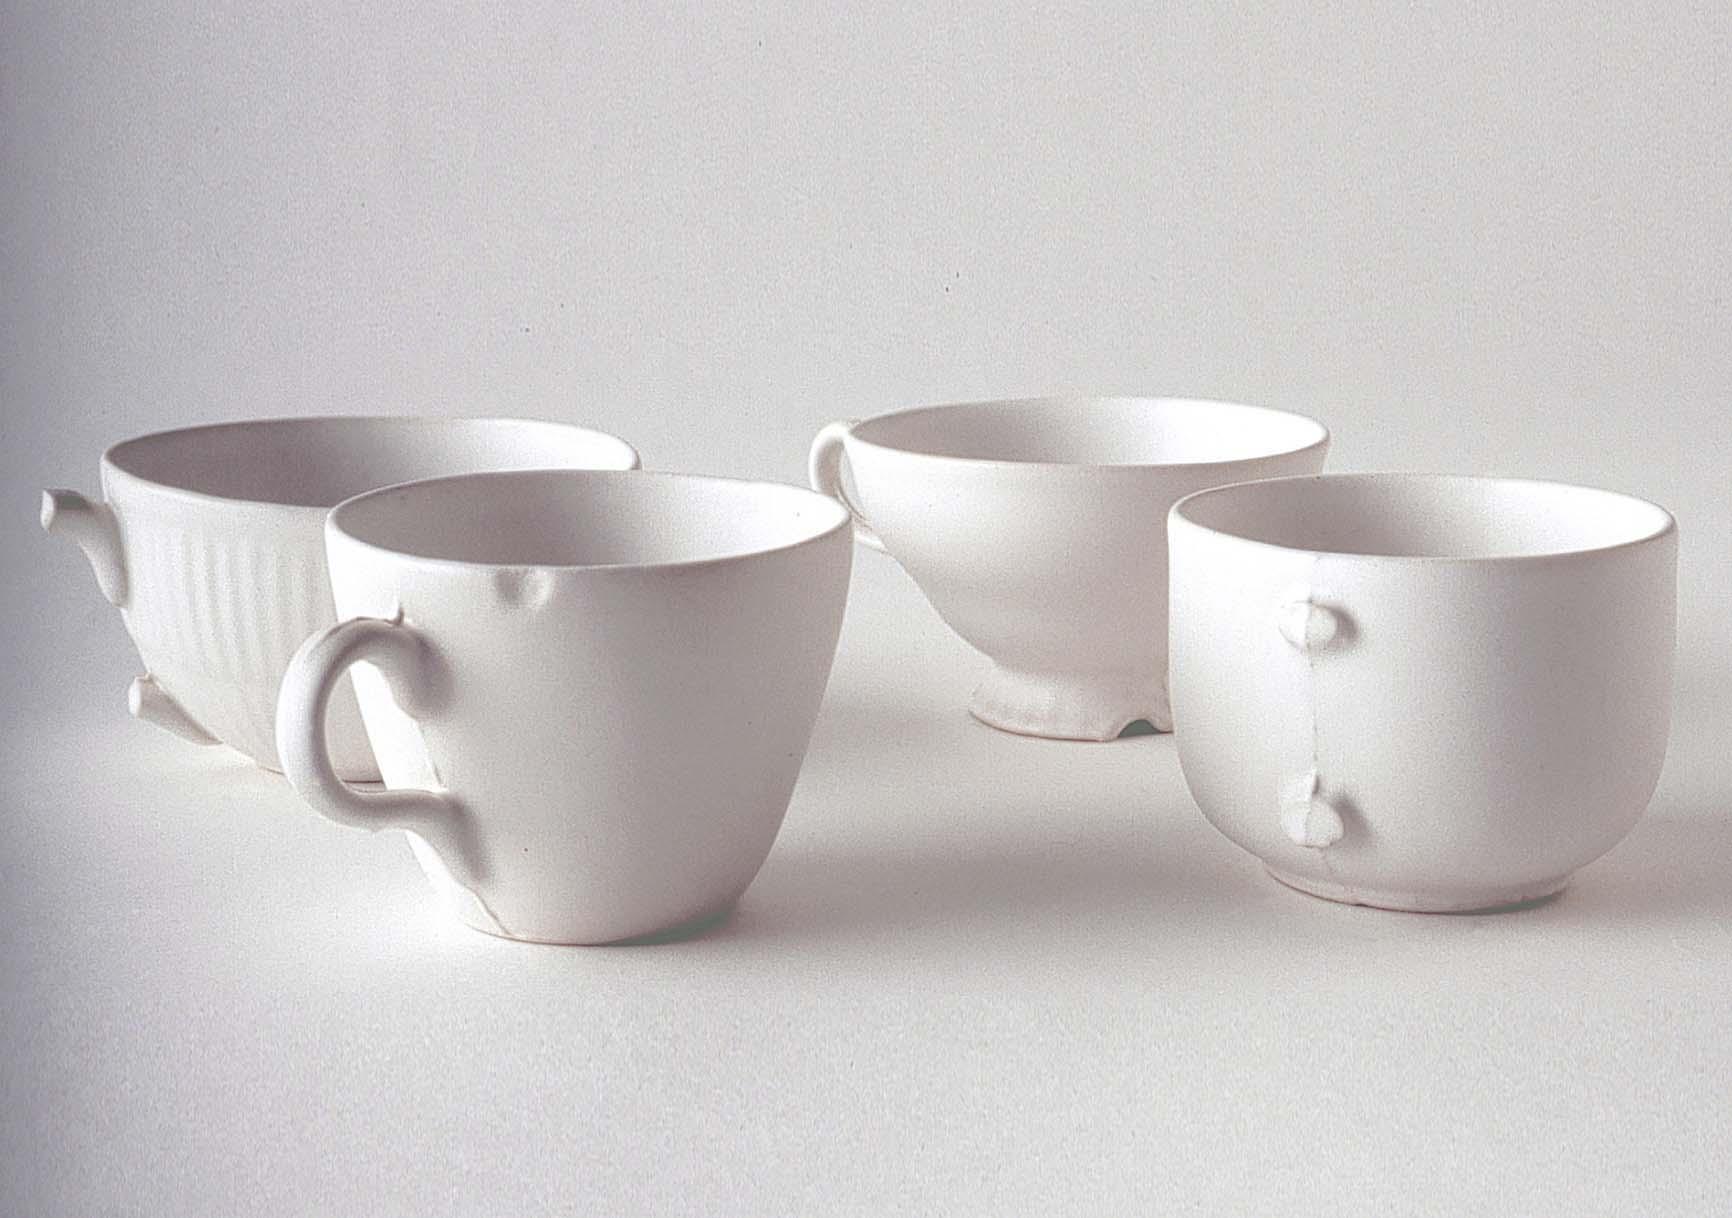 ceramique_recup_Lucile Soufflet_2